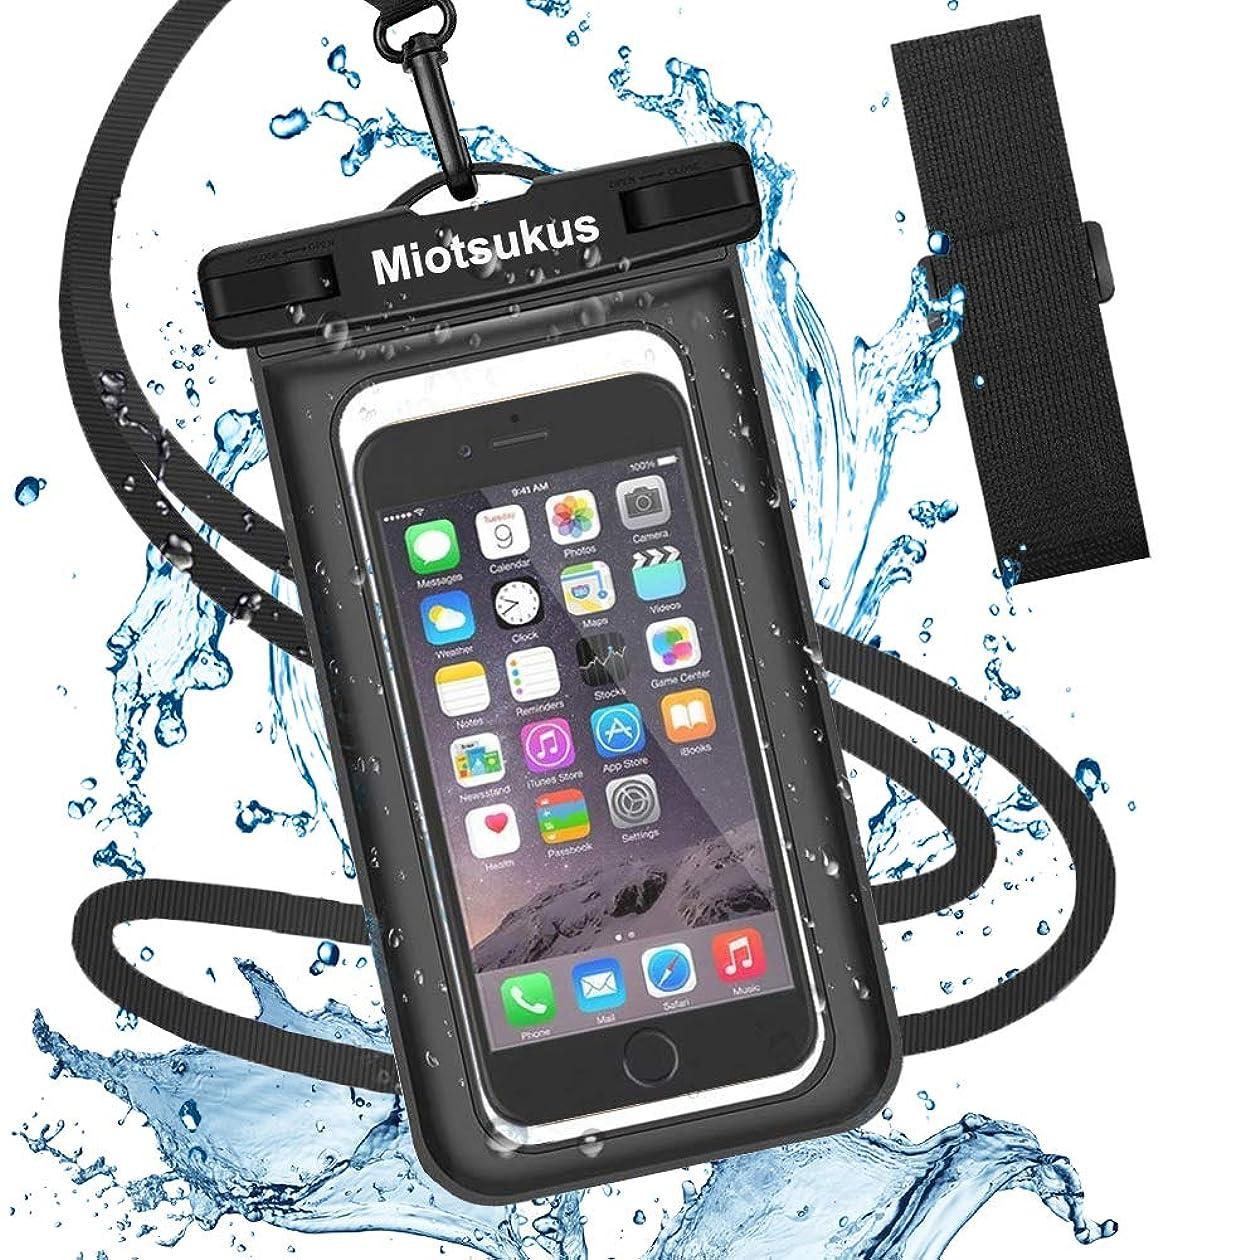 因子ストローマトリックス強化版 防水ケース スマホ用 【IPX8認定 指紋認証 顔認証対応 TPU新しい環境保護材料】 防水携帯ケース タッチ可 iPhone/Android 全機種対応 水中撮影 潜水 温泉 スキー 水泳など適用